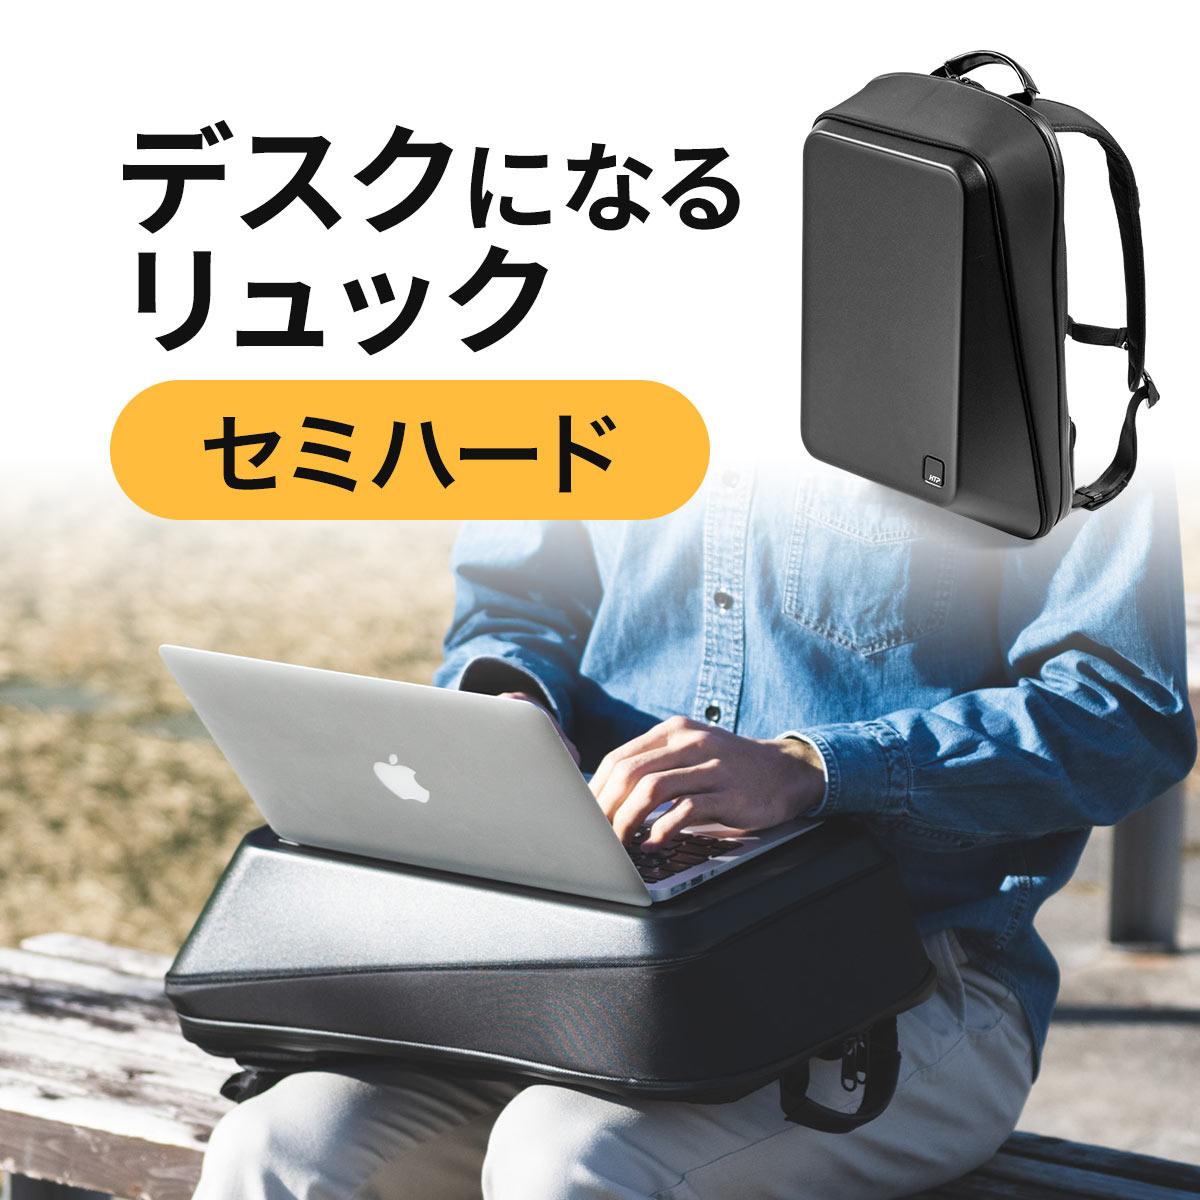 リュック メンズ USBポート ビジネス セミハード ハードシェル おしゃれ 撥水 旅行 15L タブレット ノートPC13.3型 A4 バッグインバッグ 通勤 学生 通学 リュックサック バックパック